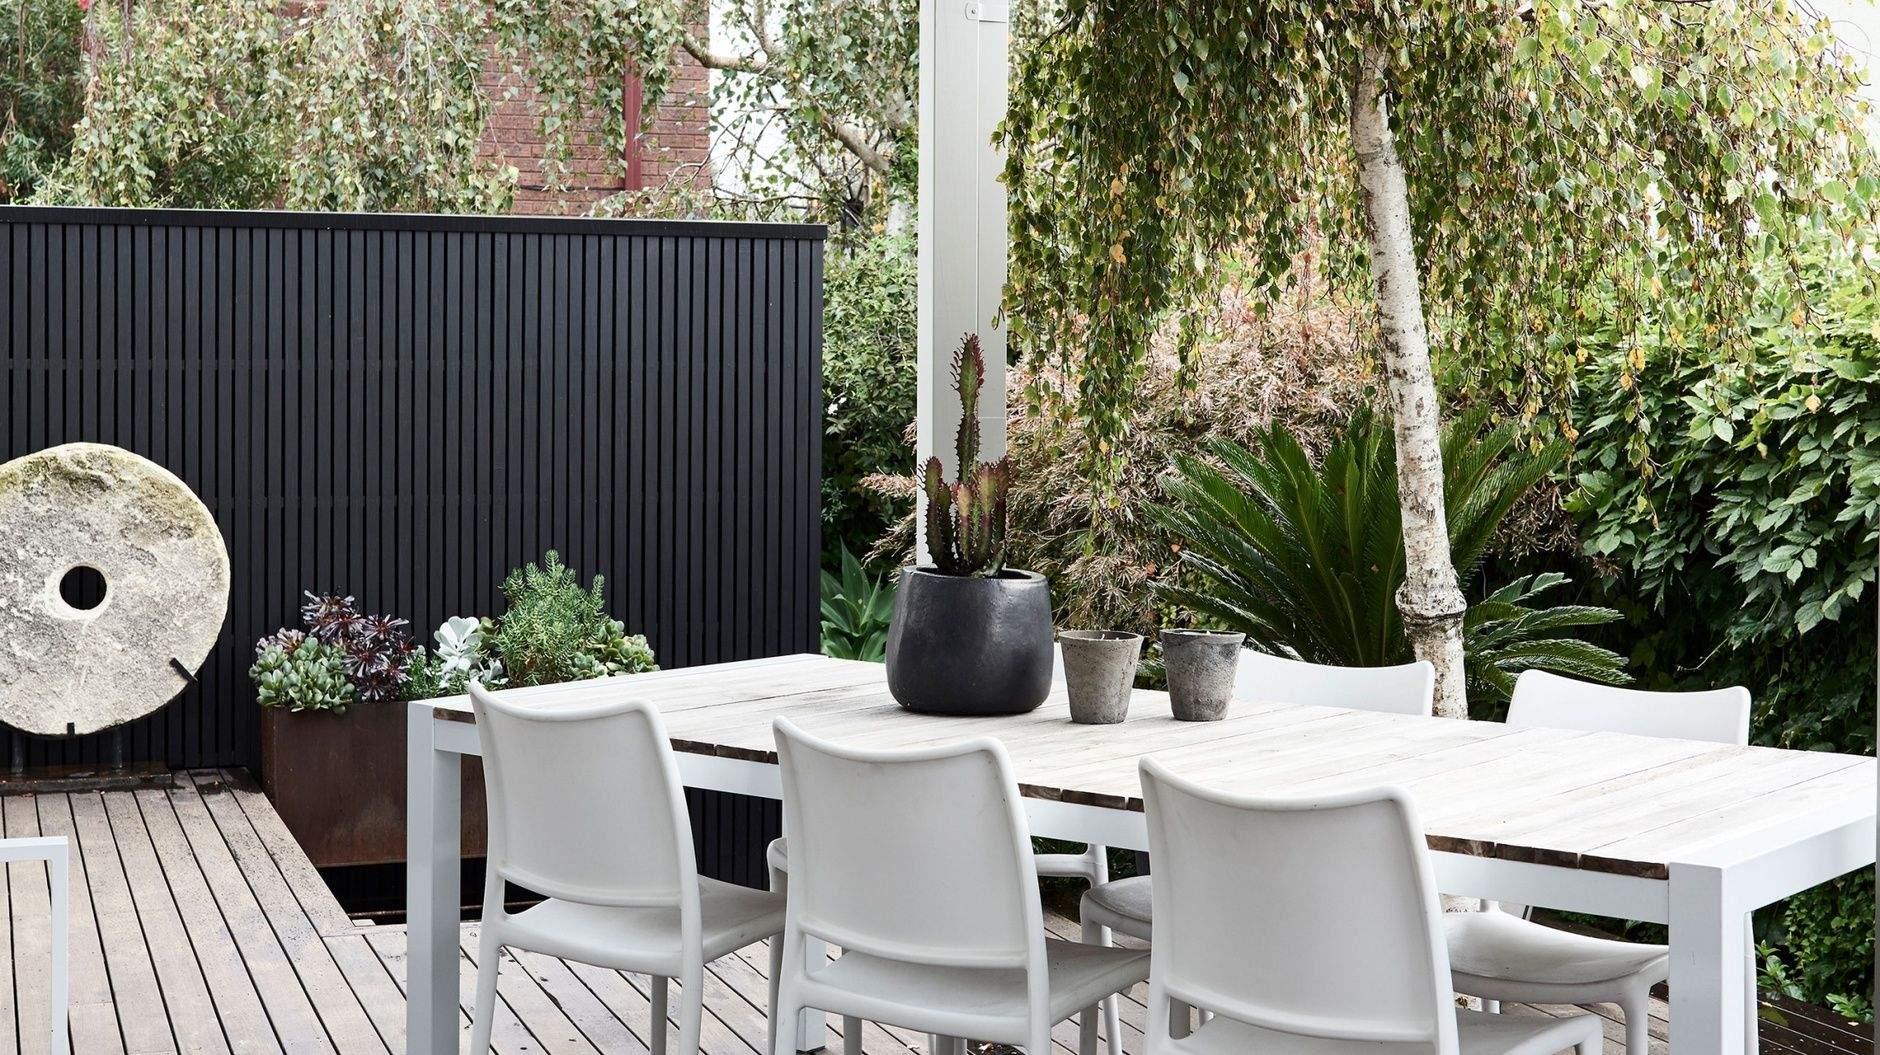 Їдальня на терасі: 20 літніх варіантів для приватних будинків